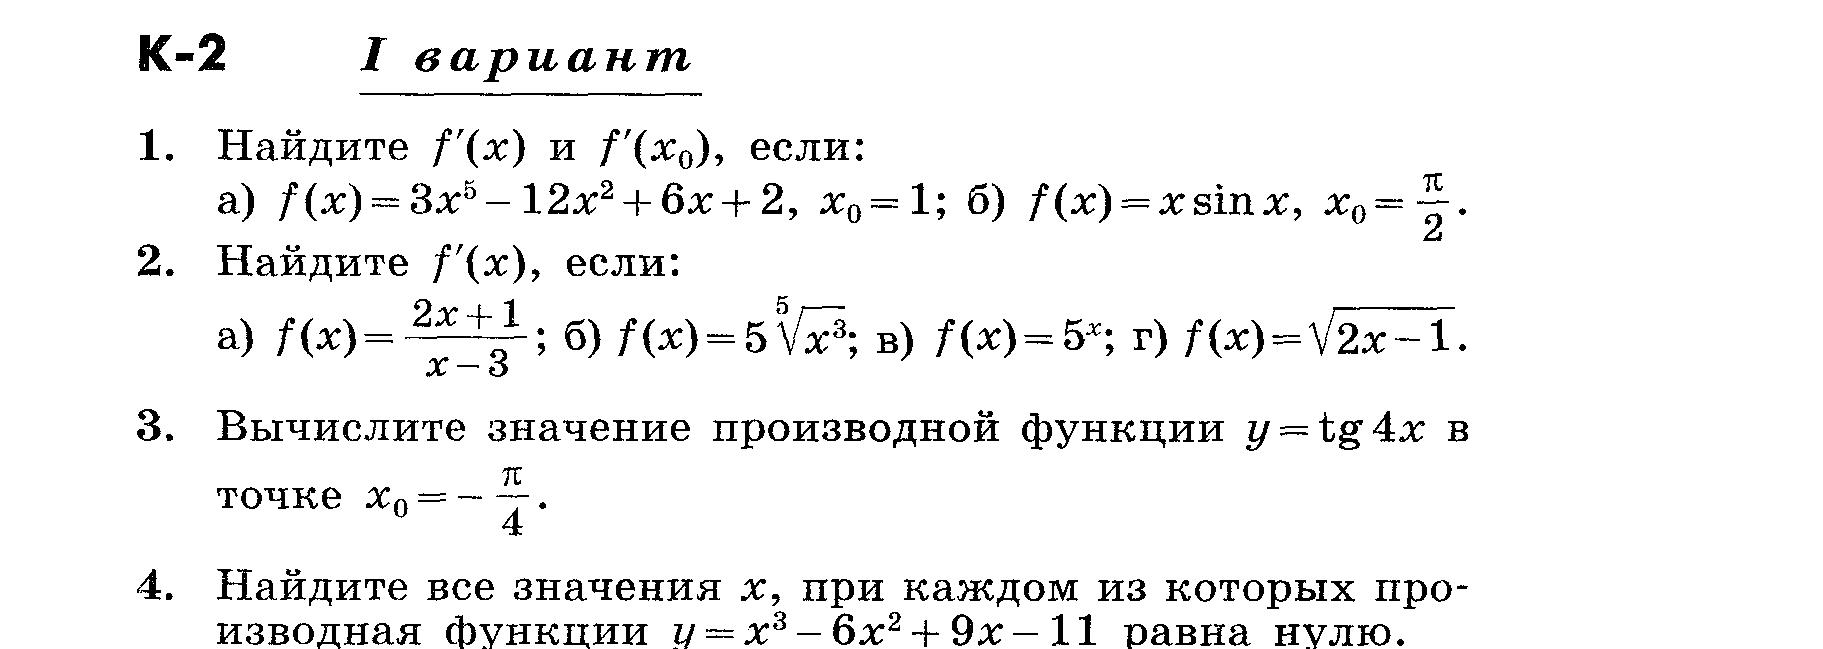 класс 10 числовые глава последовательности производная гдз алгебра объяснение темы